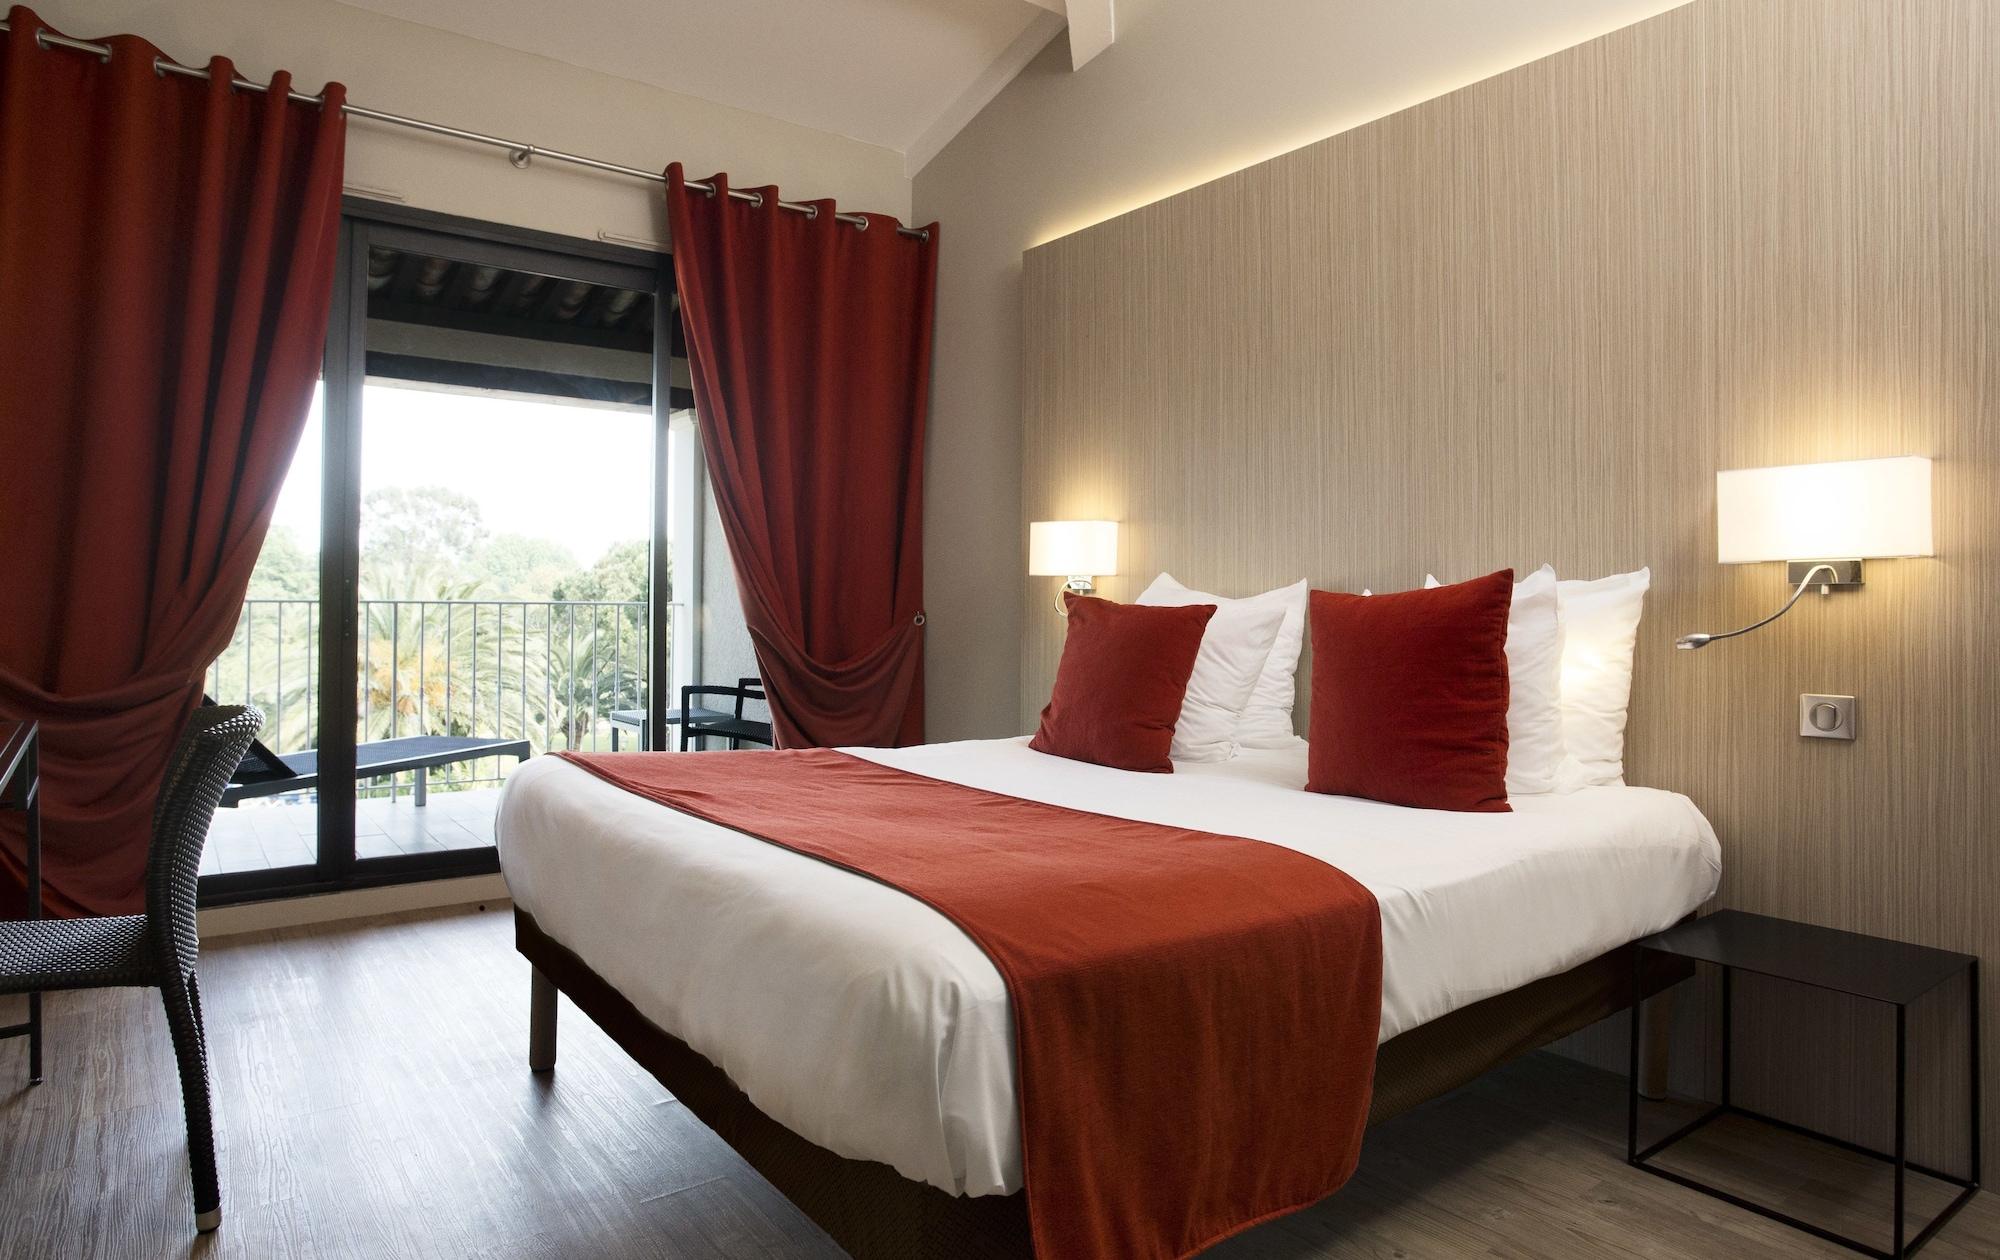 Hôtel Soleil de Saint Tropez, Var